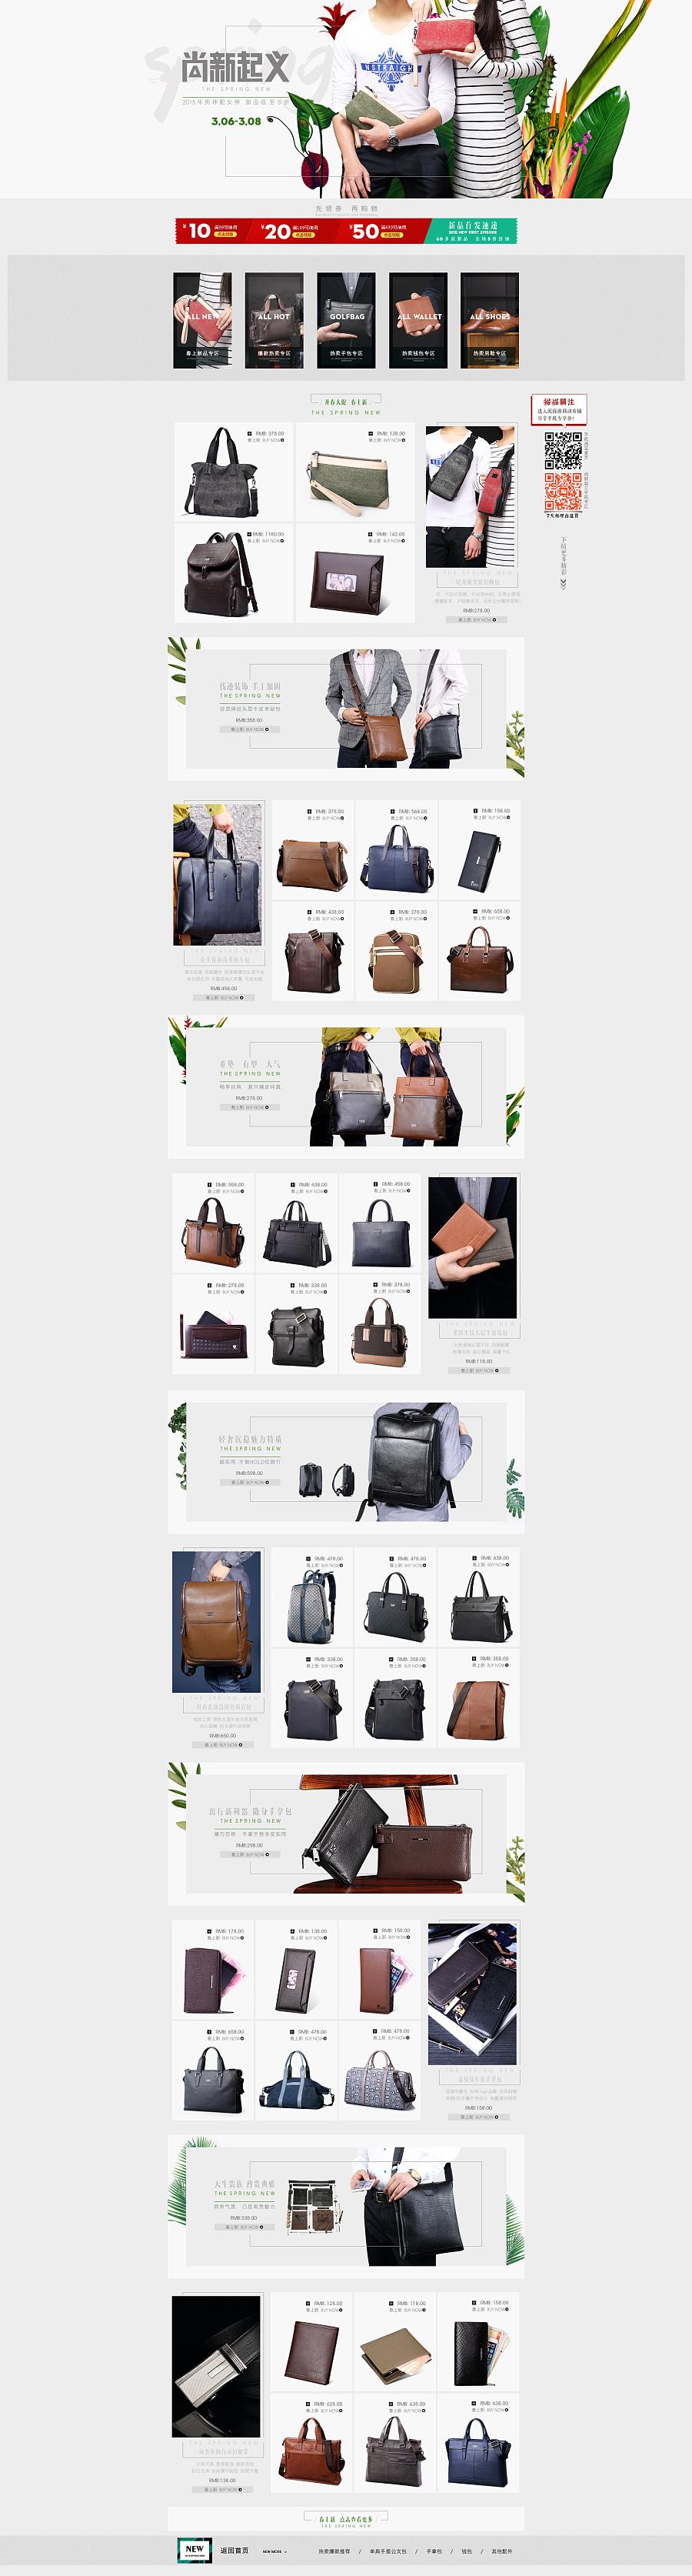 店铺首页装修店铺/电商设计#网页设计#天猫设计#淘宝设计#京东设计图片